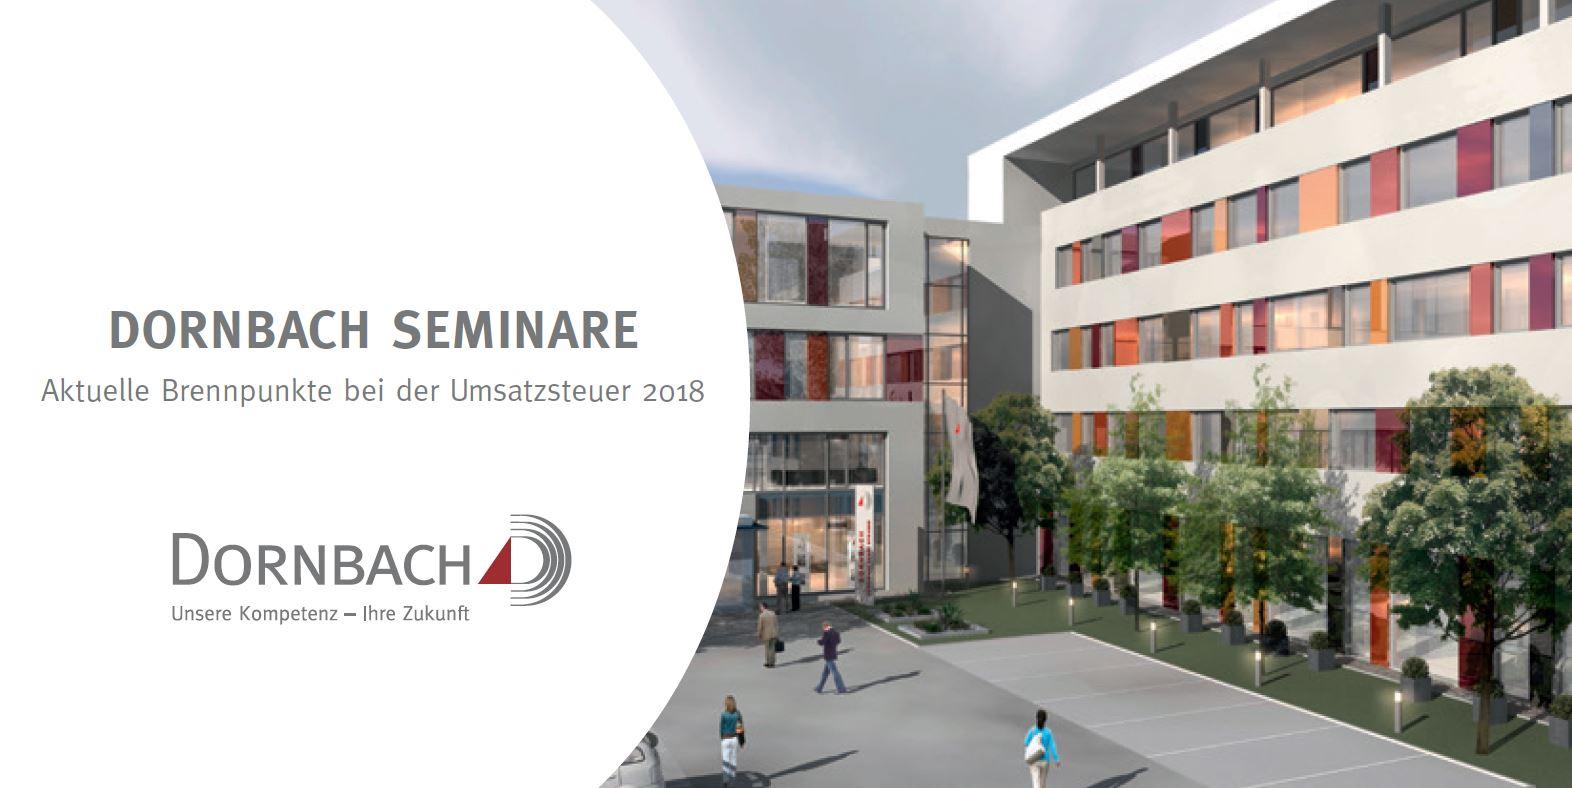 dornbach seminar aktuelle brennpunkte bei der